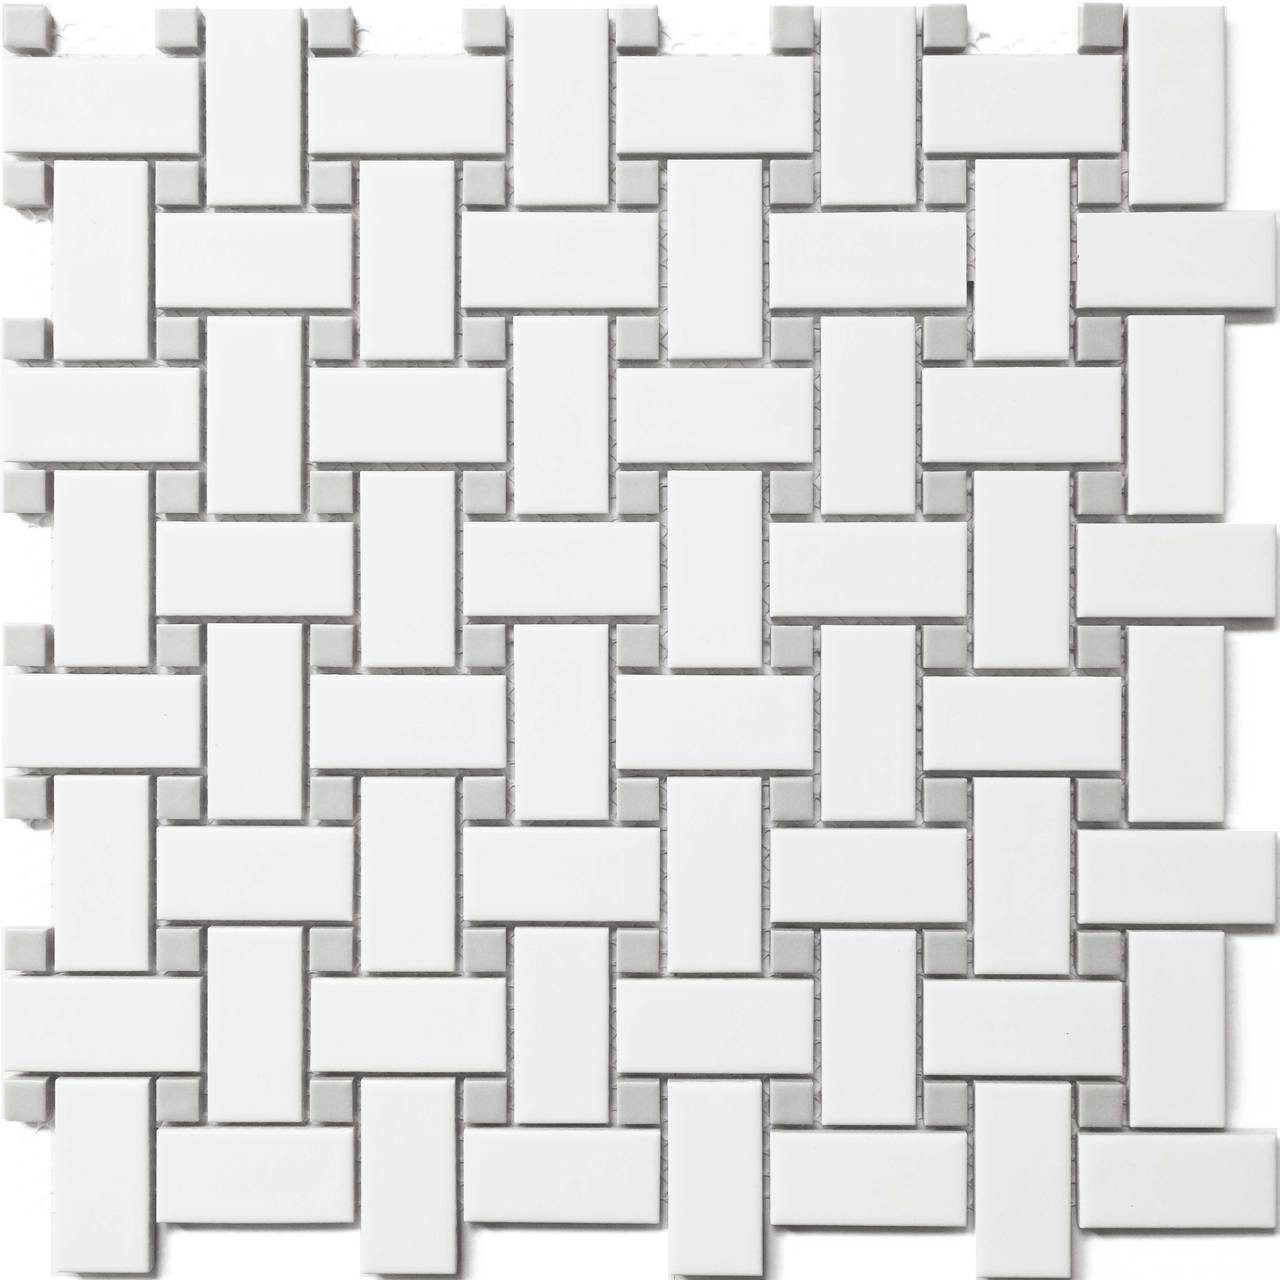 cc mosaics white grey basket weave wave dot 12x12